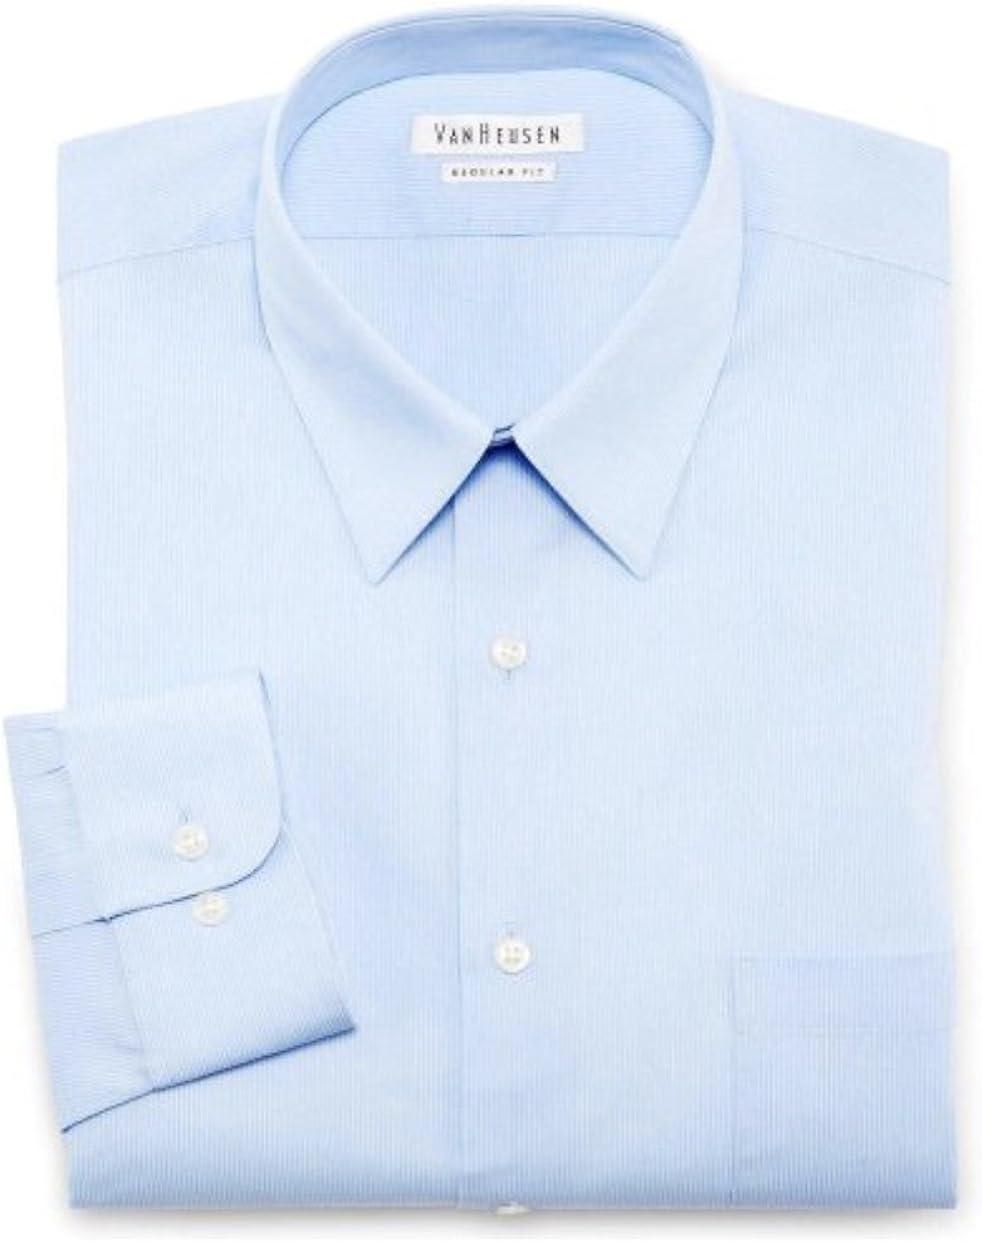 Van Heusen Regular fit Dress Shirt 15 1/2 32-33 Cornflower Blue